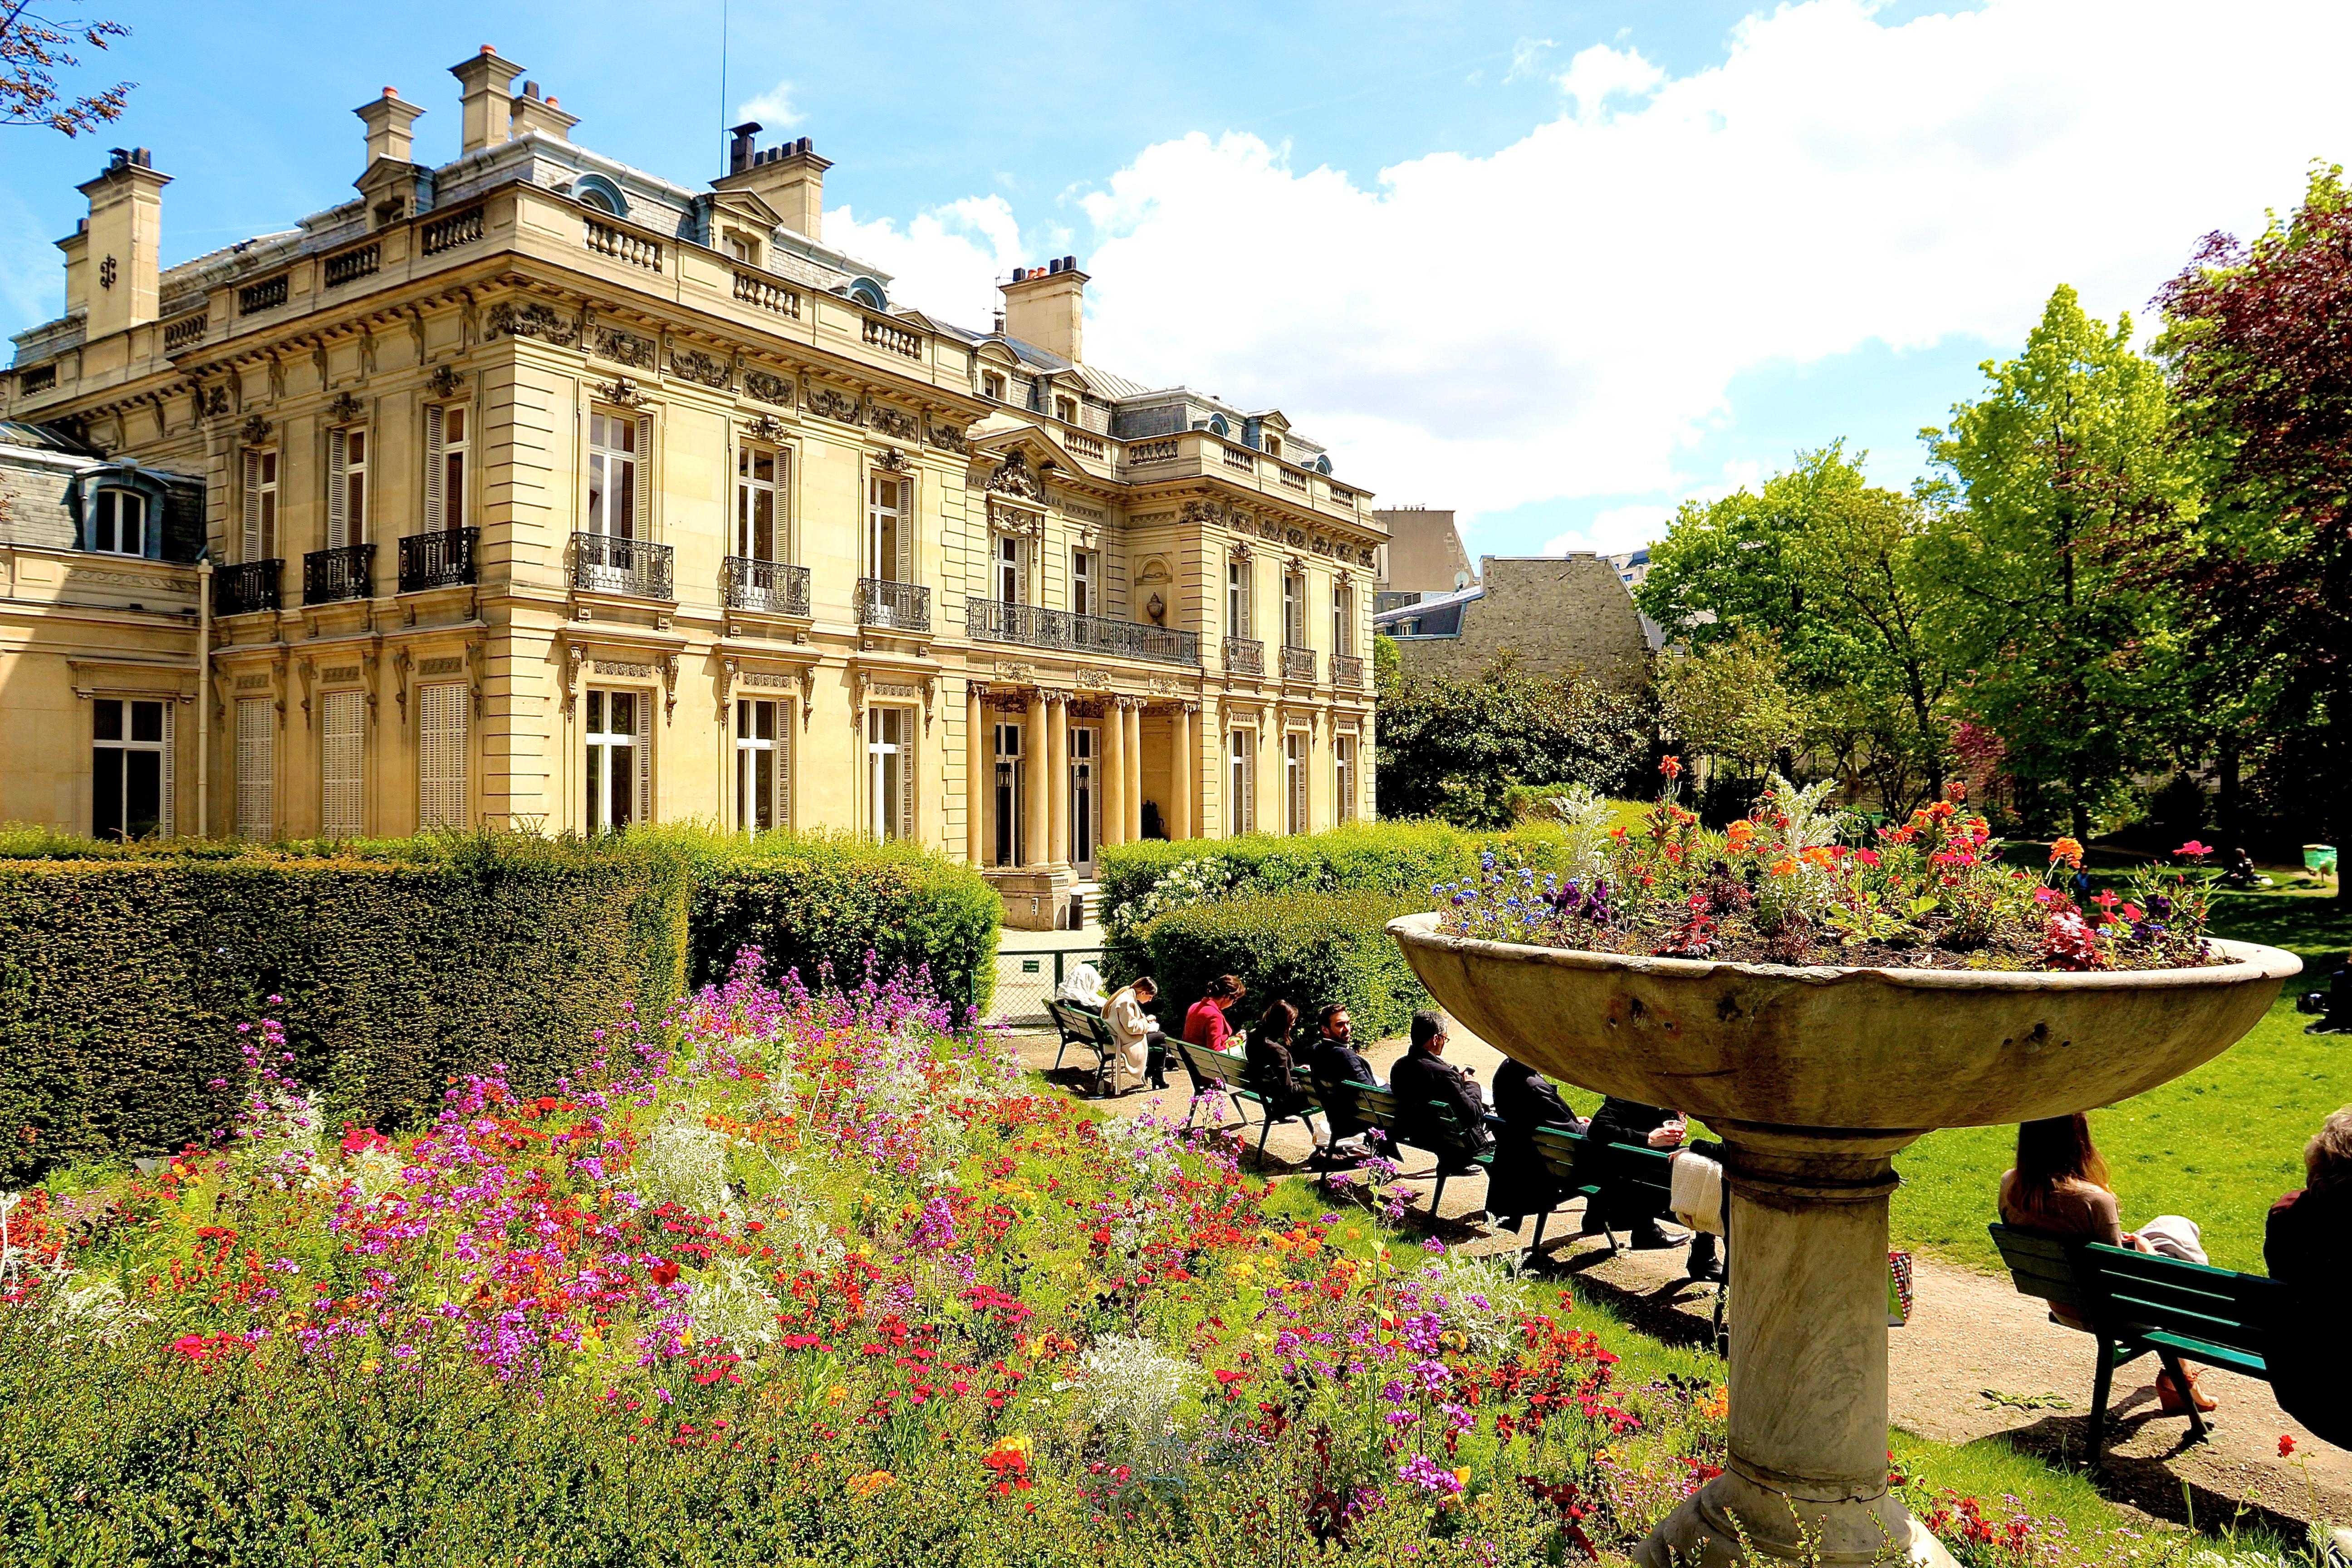 l'Hôtel Salomon de Rothschild